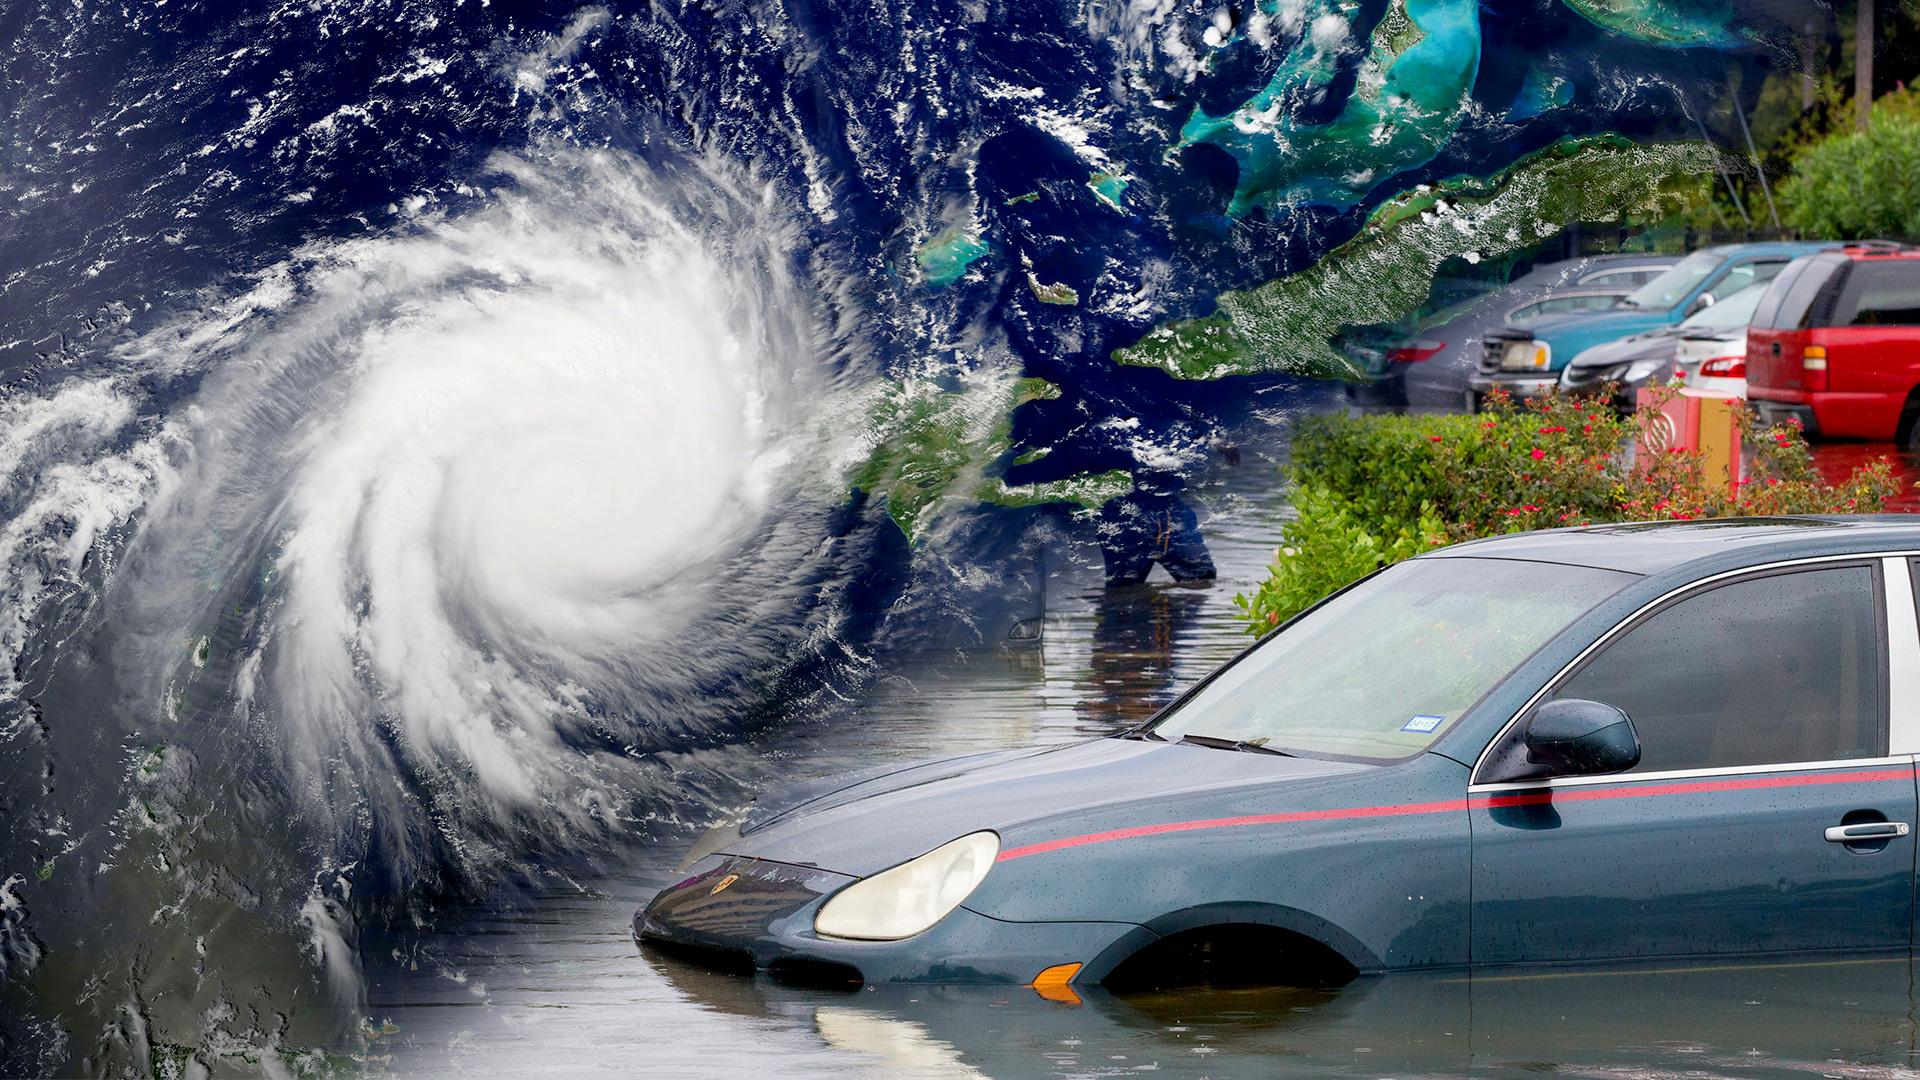 Hurácán Michael: Cómo proteger tu carro ante la llegada del ciclón